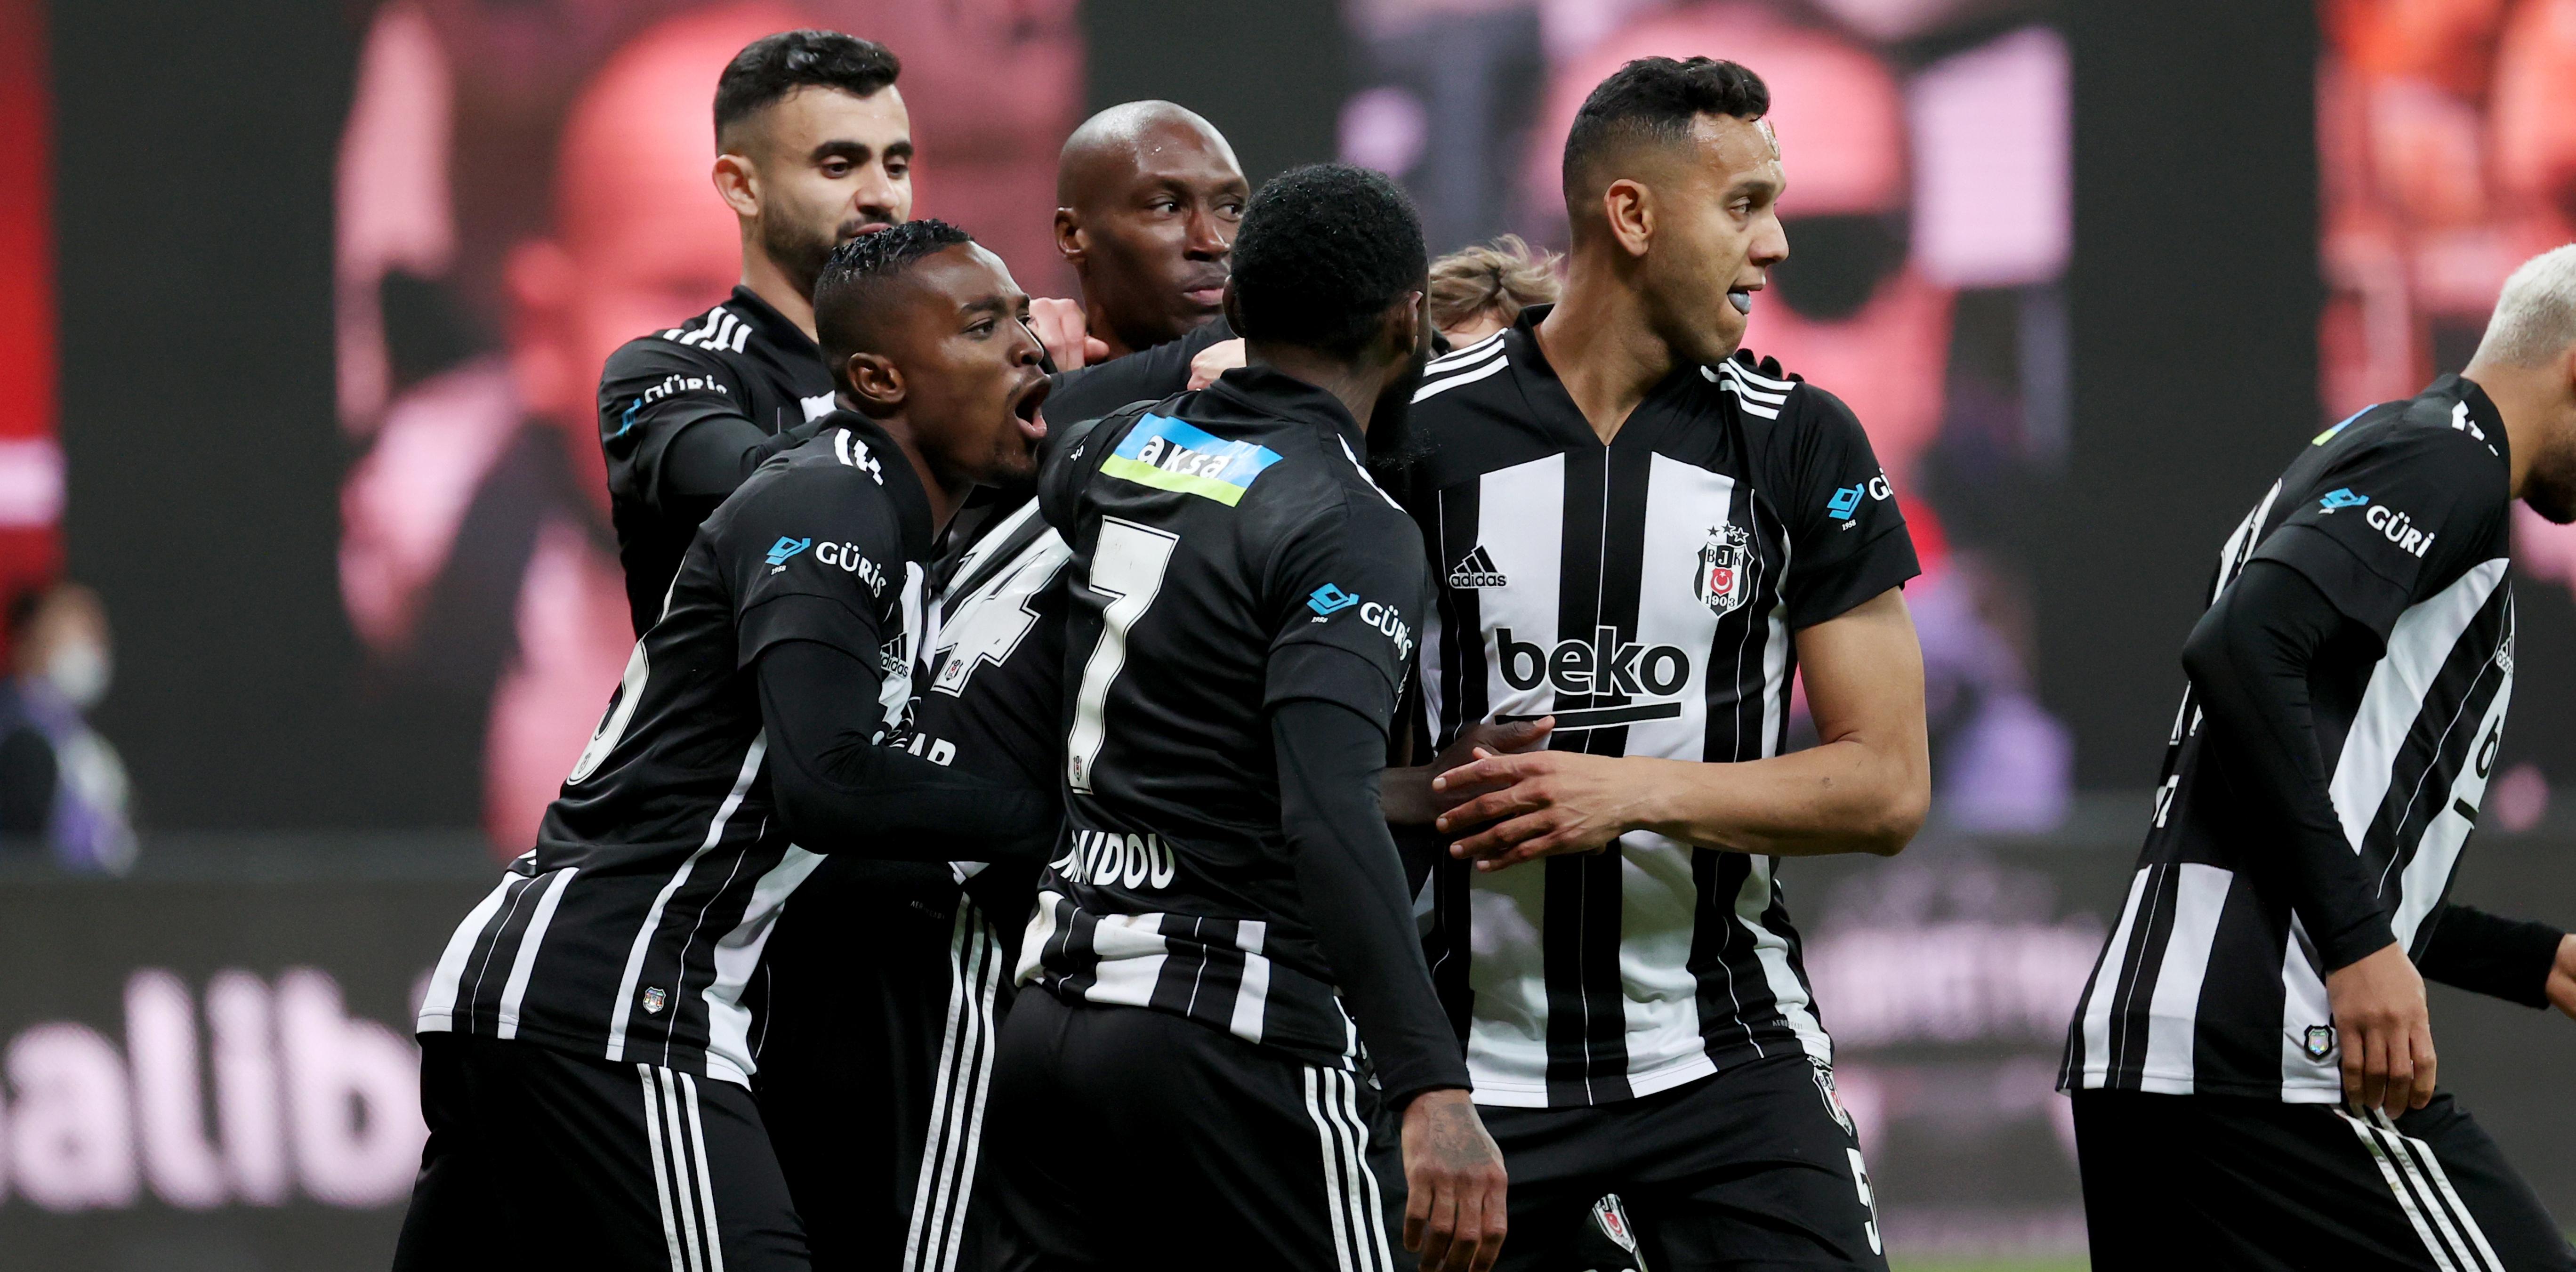 Beşiktaş - Erzurum BB Maç Raporu, 20.12.2020, Süper Lig | Goal.com